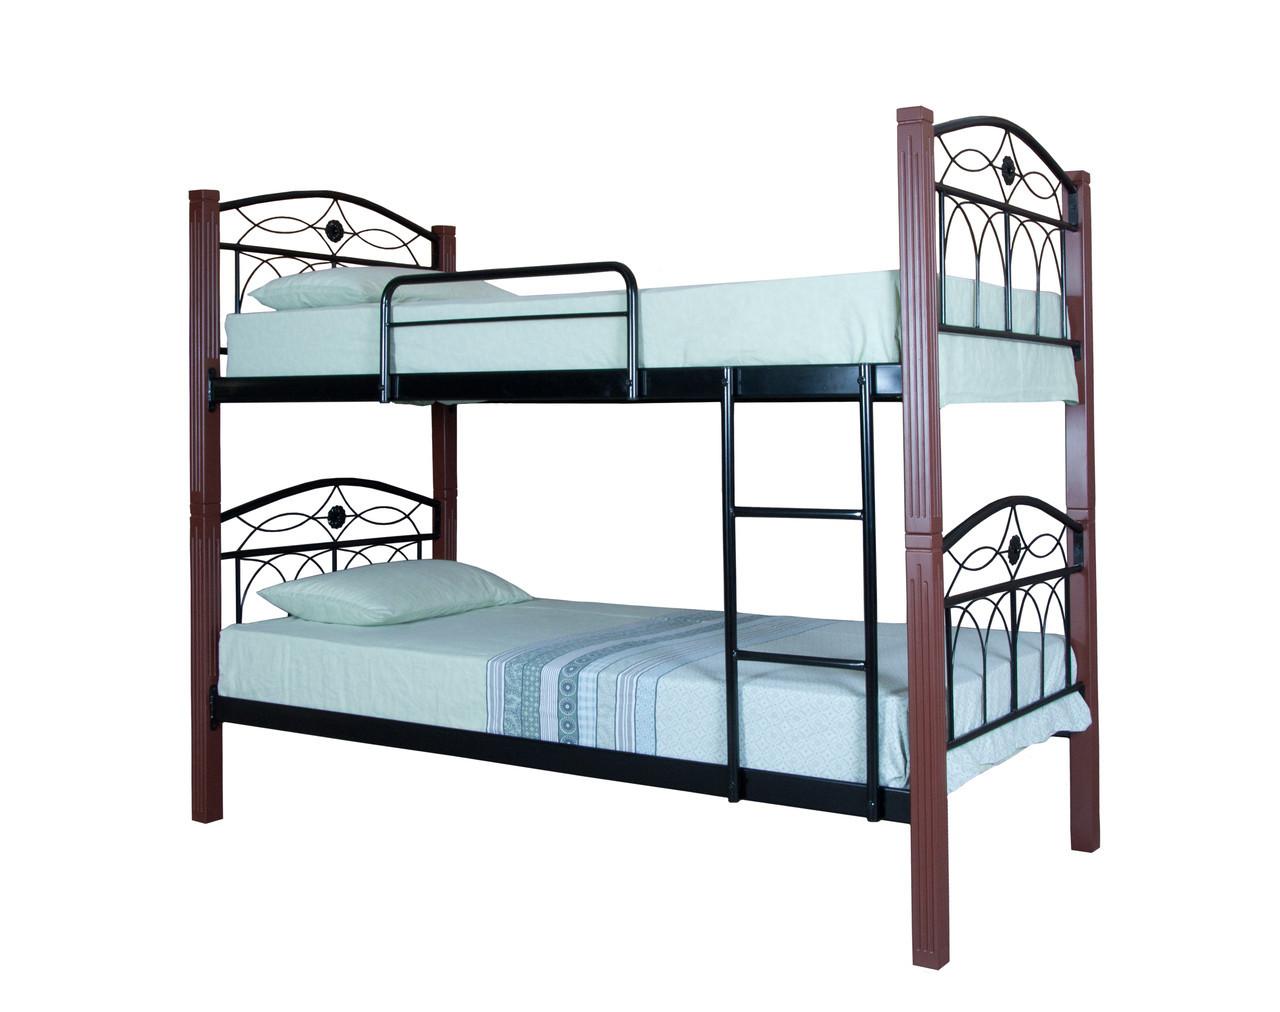 Кровать Элизабет двухъярусная  200х90, бежевая